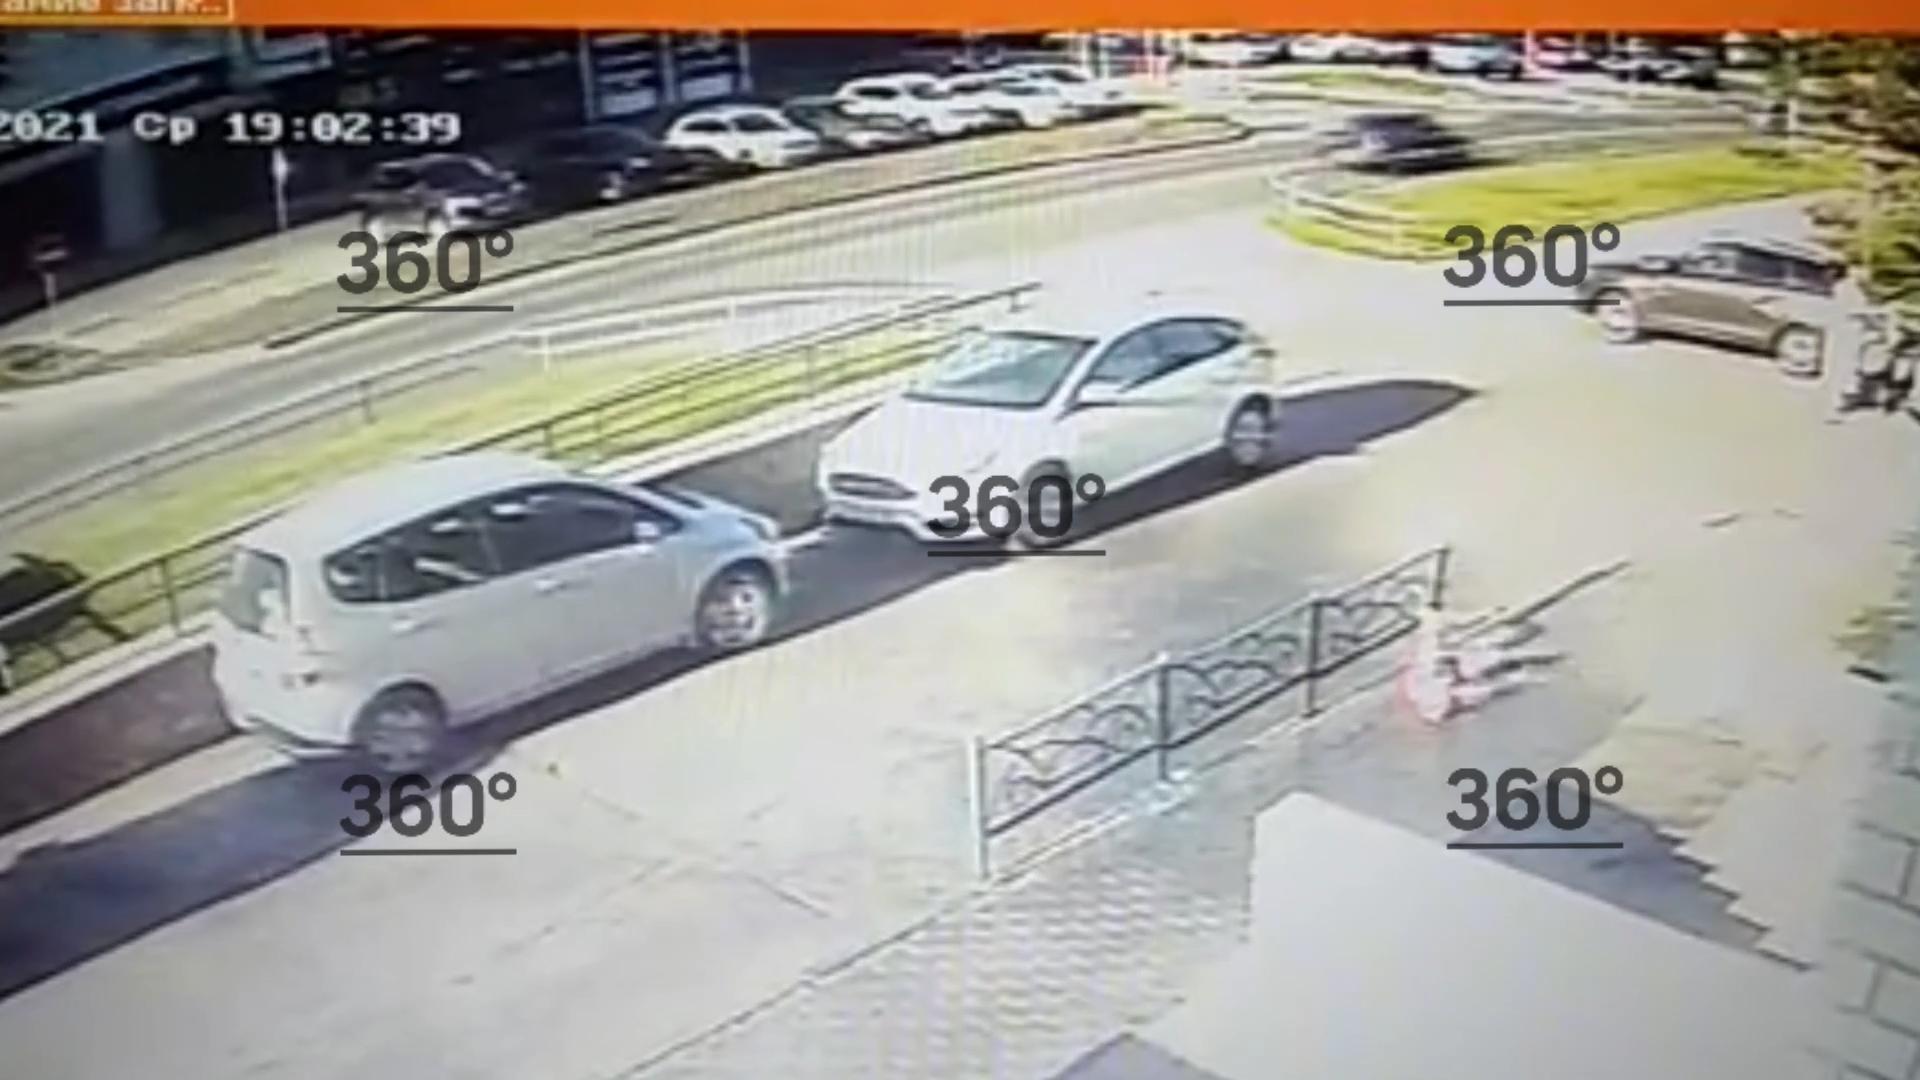 В Барнауле дети сбросили с 15-го этажа пятилитровую бутылку и сломали шею мальчику